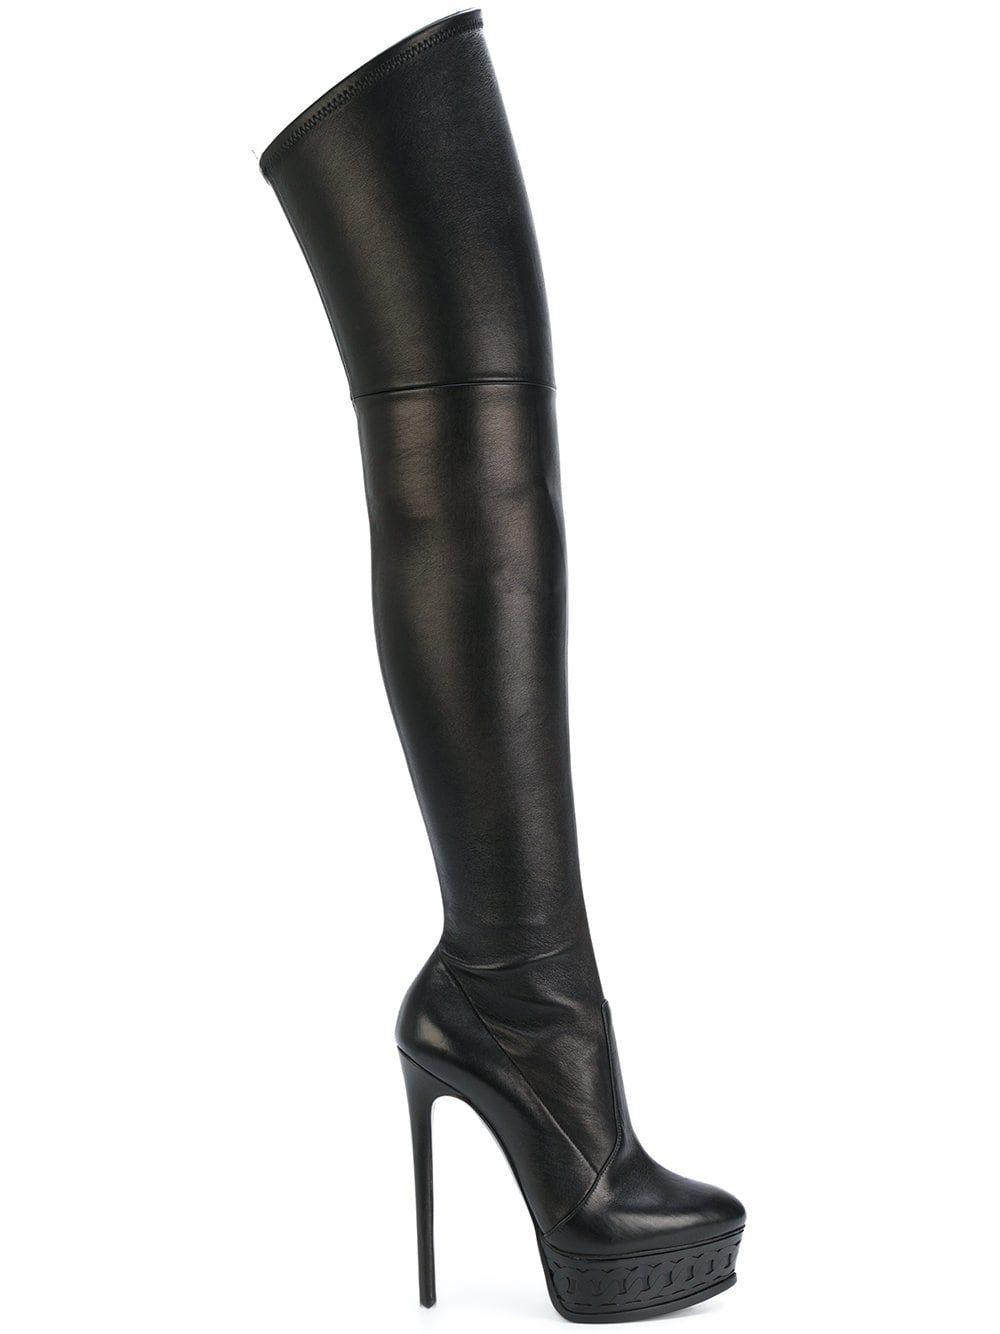 fb340a131da Casadei botas de plataforma por encima de la rodilla